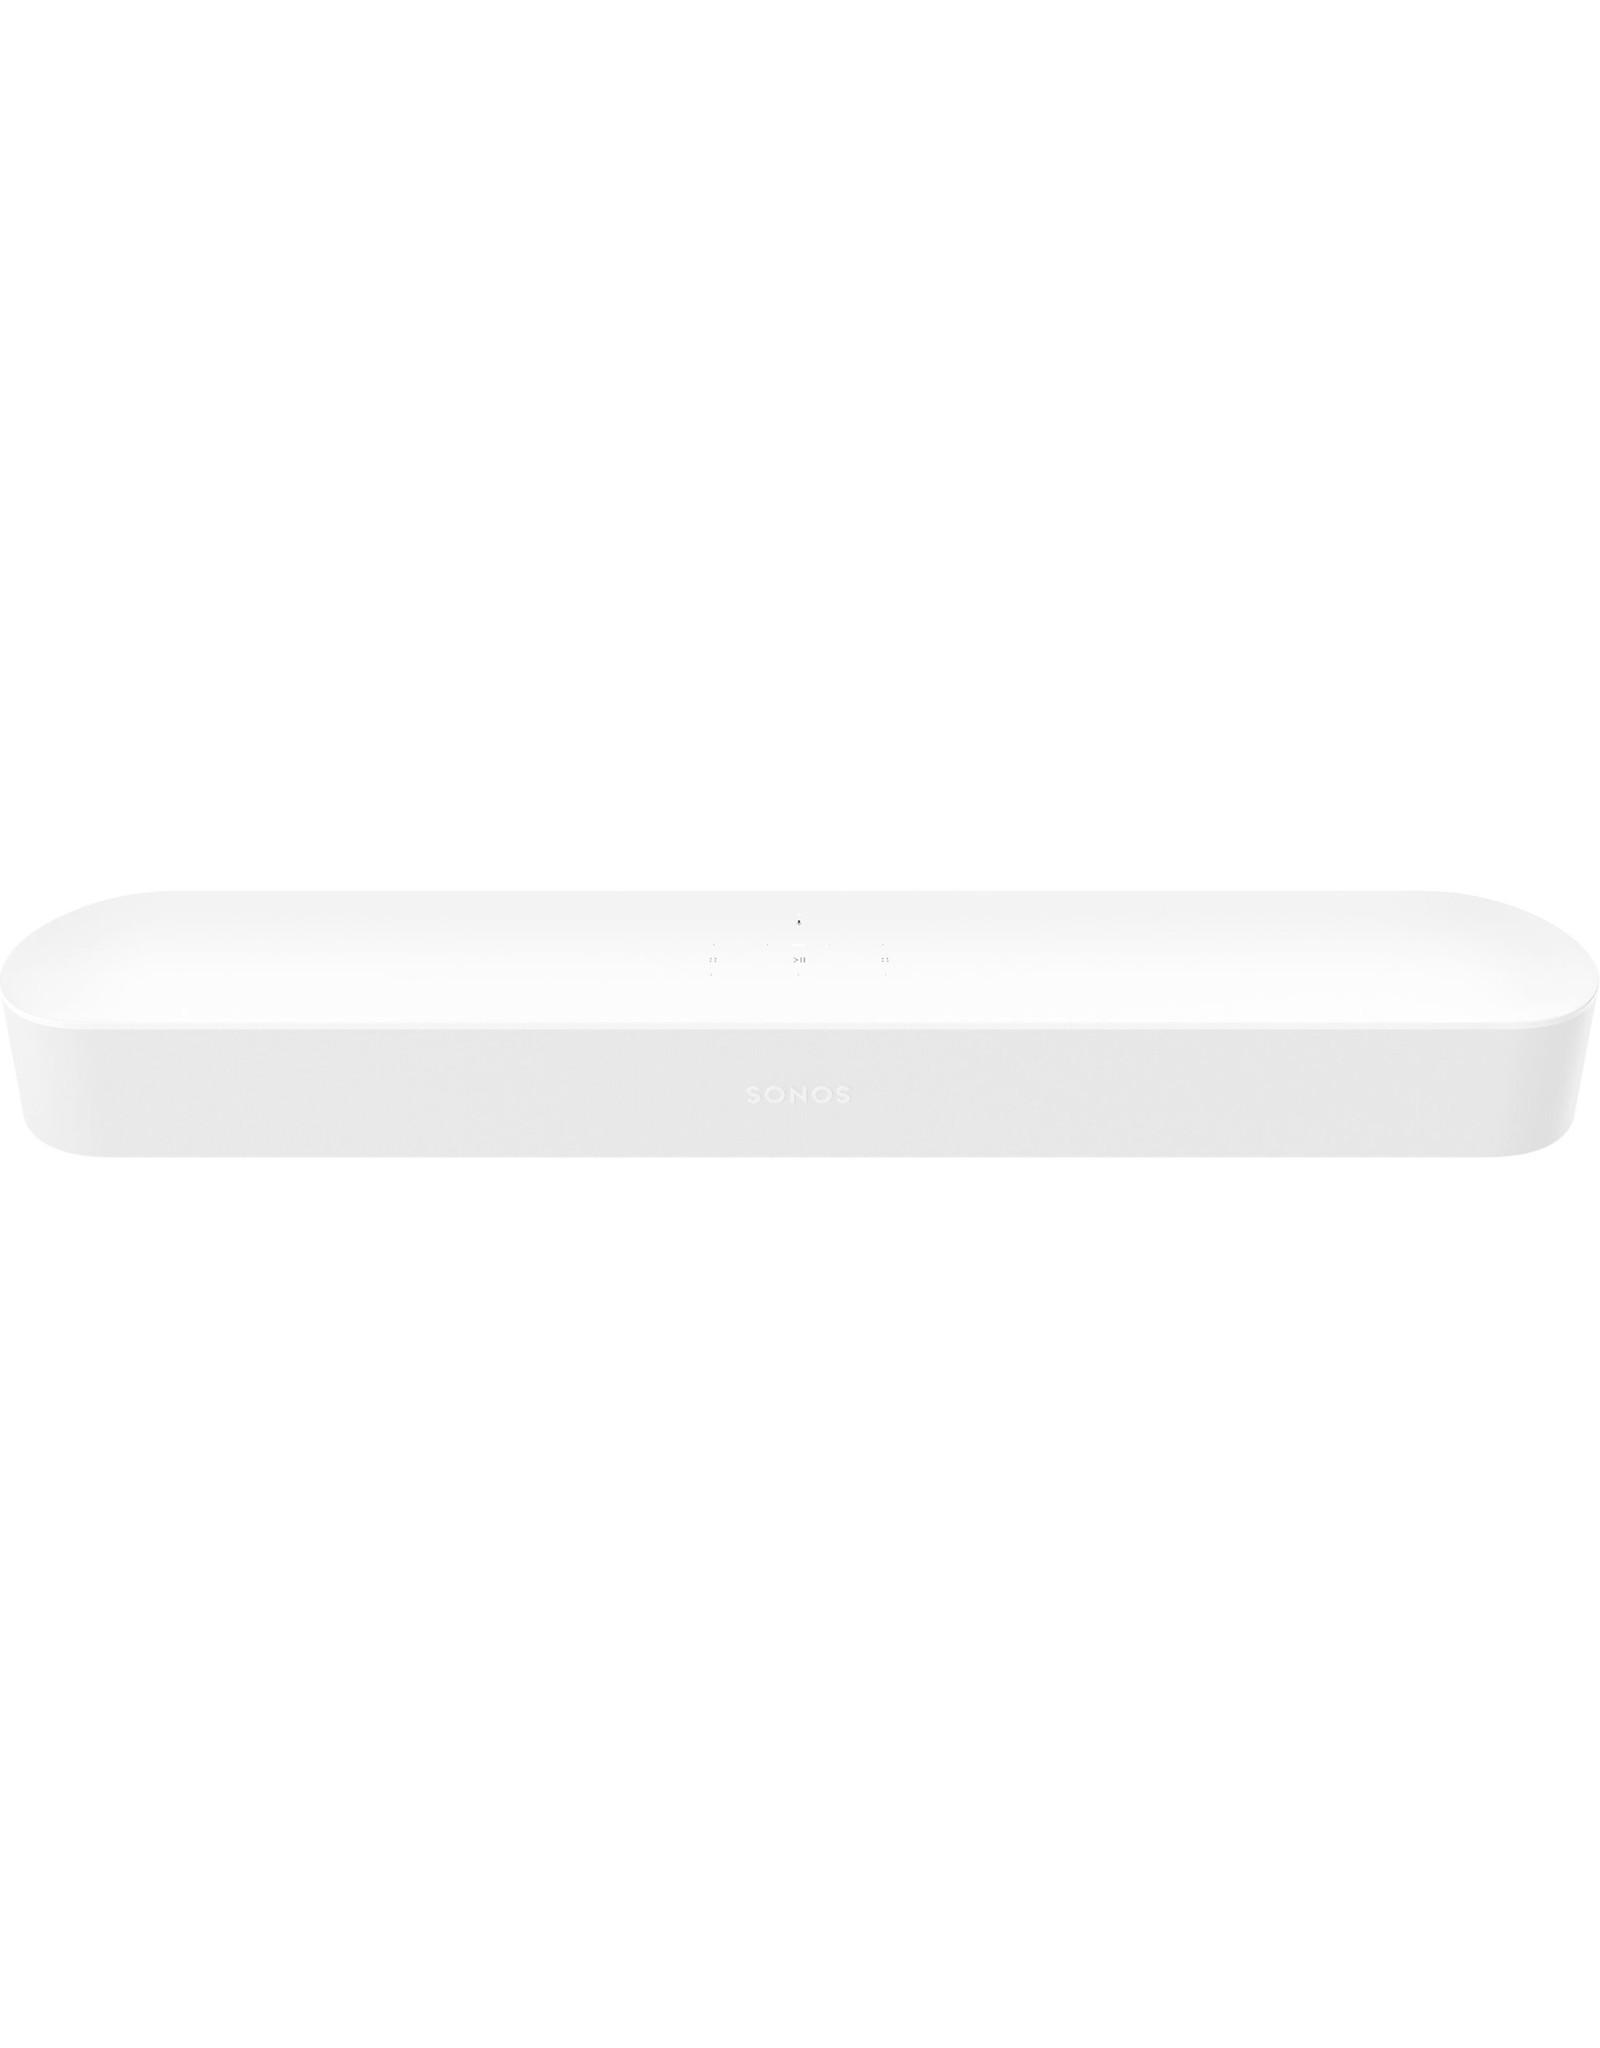 Sonos Sonos Beam (gen1) Soundbar